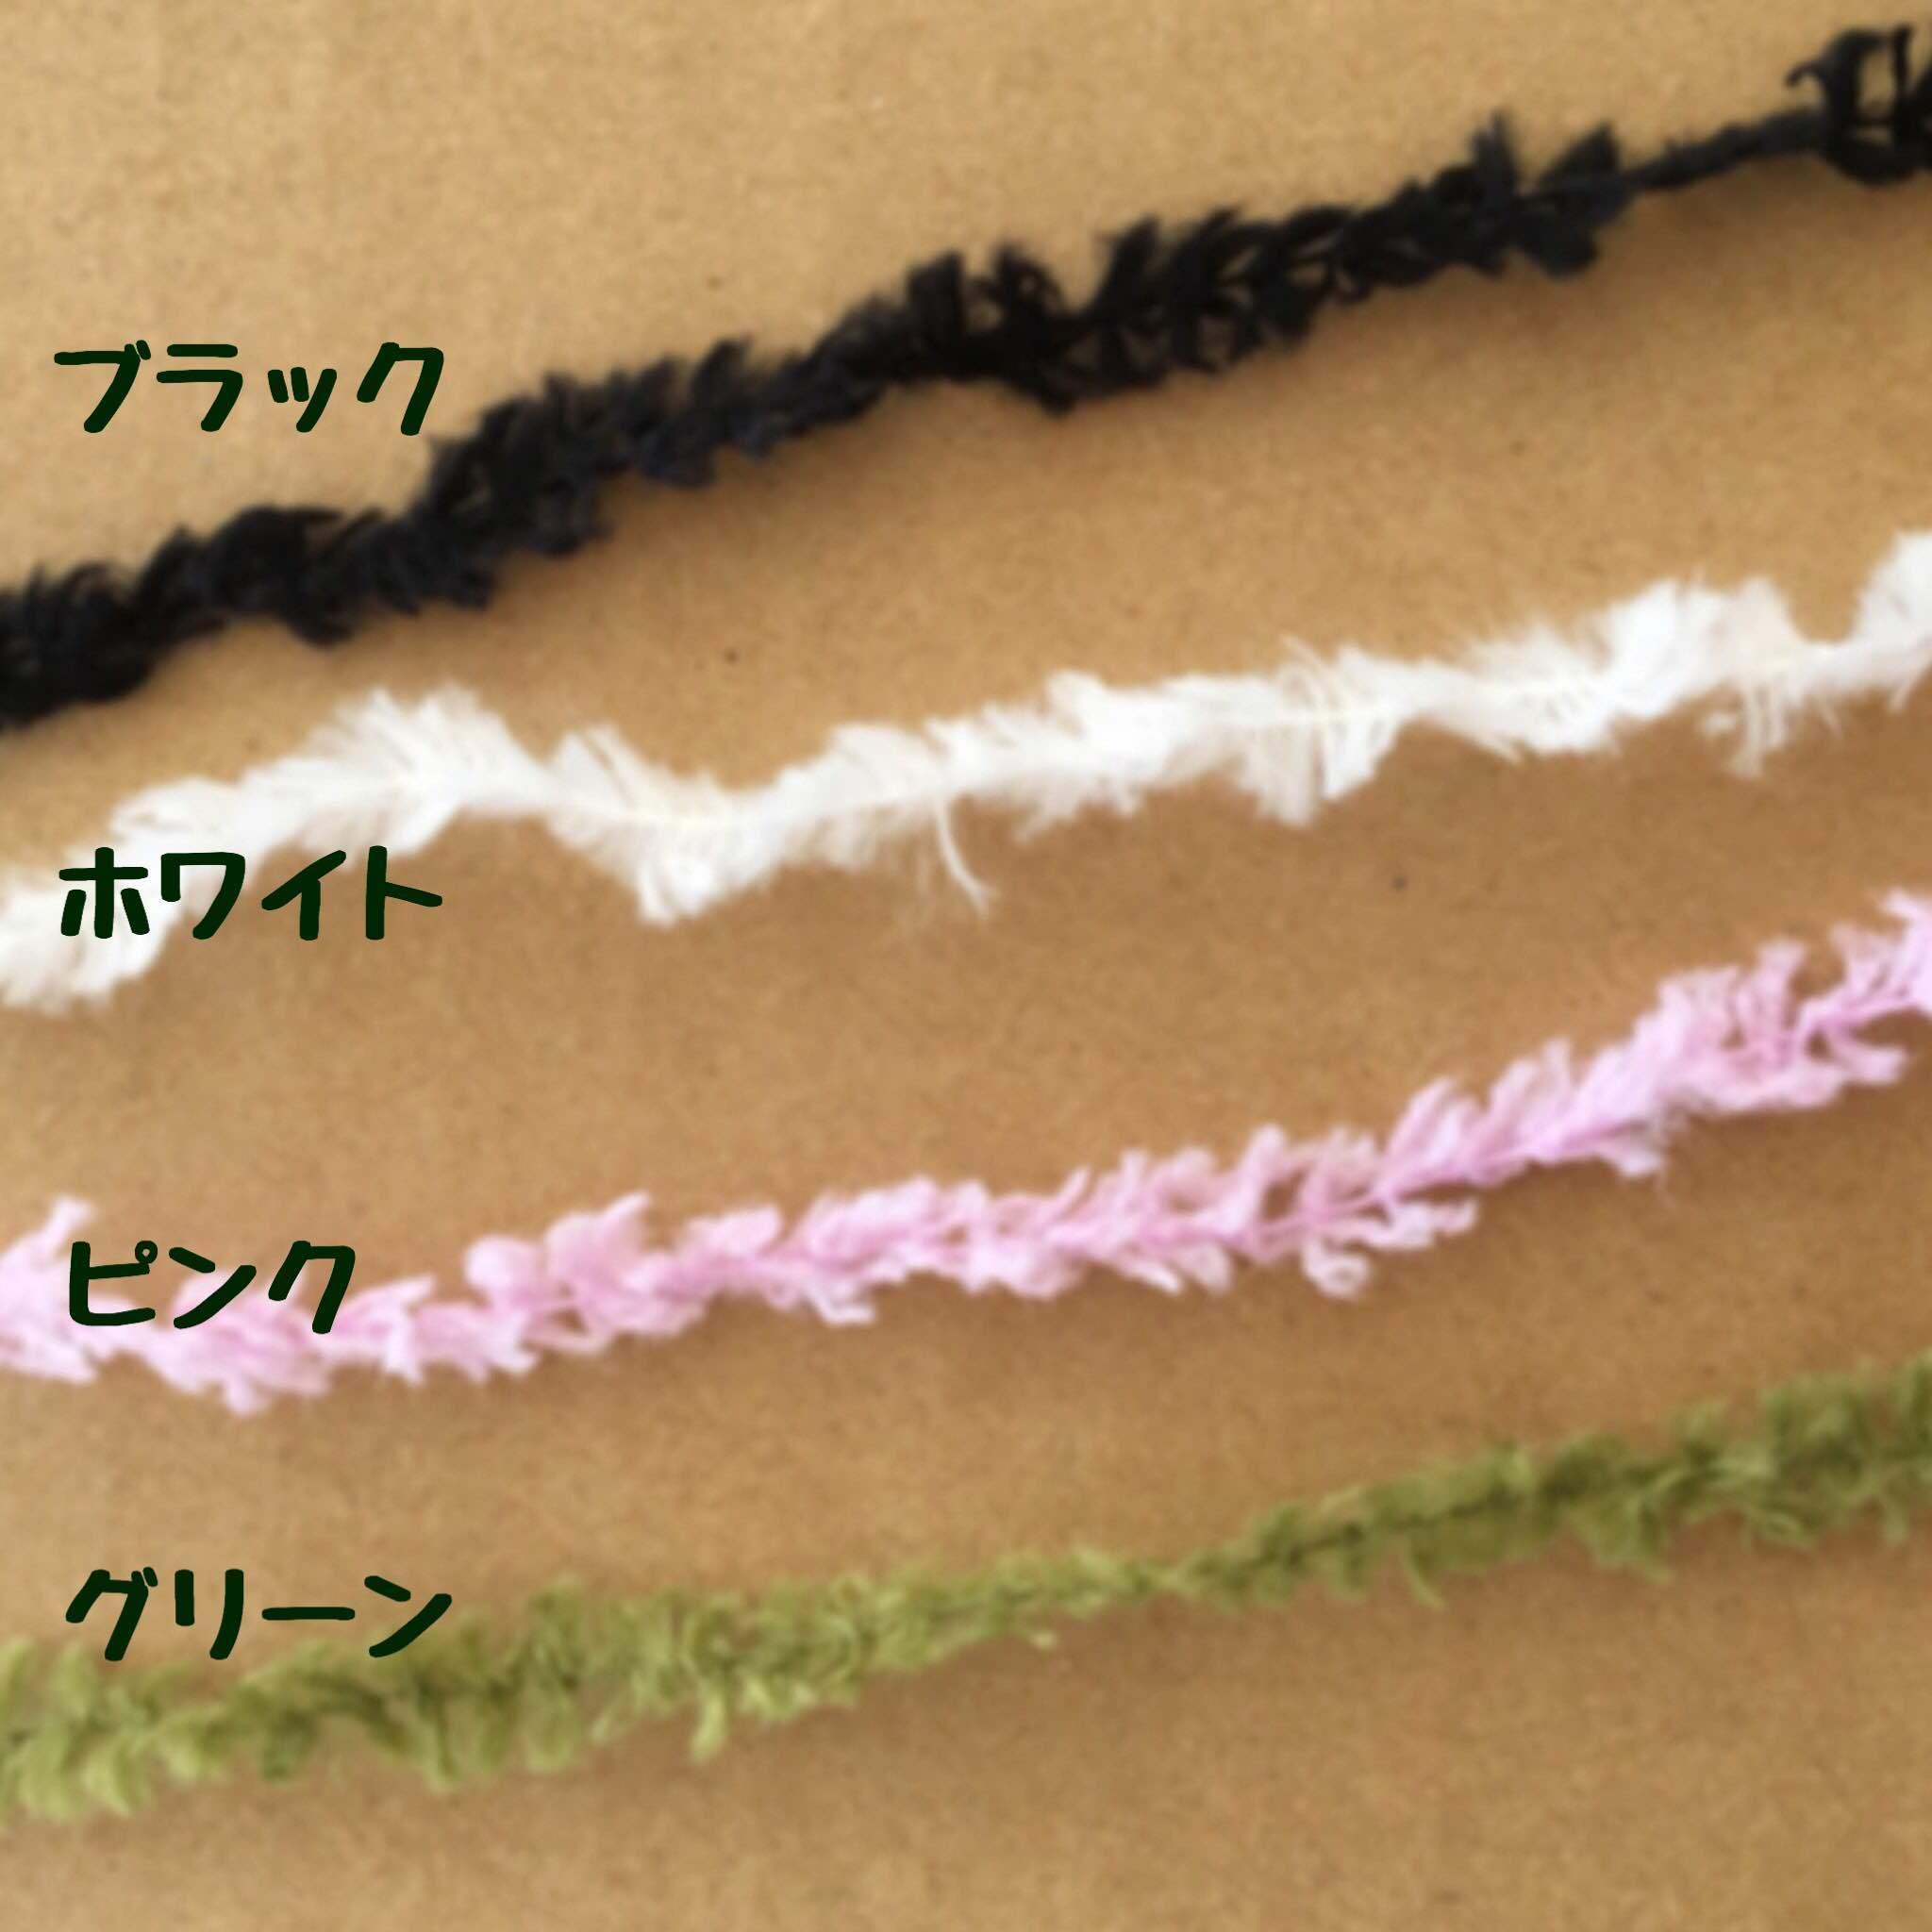 ギャザリング水苔2個&ベラボンサキュレント2袋 セット - 画像2